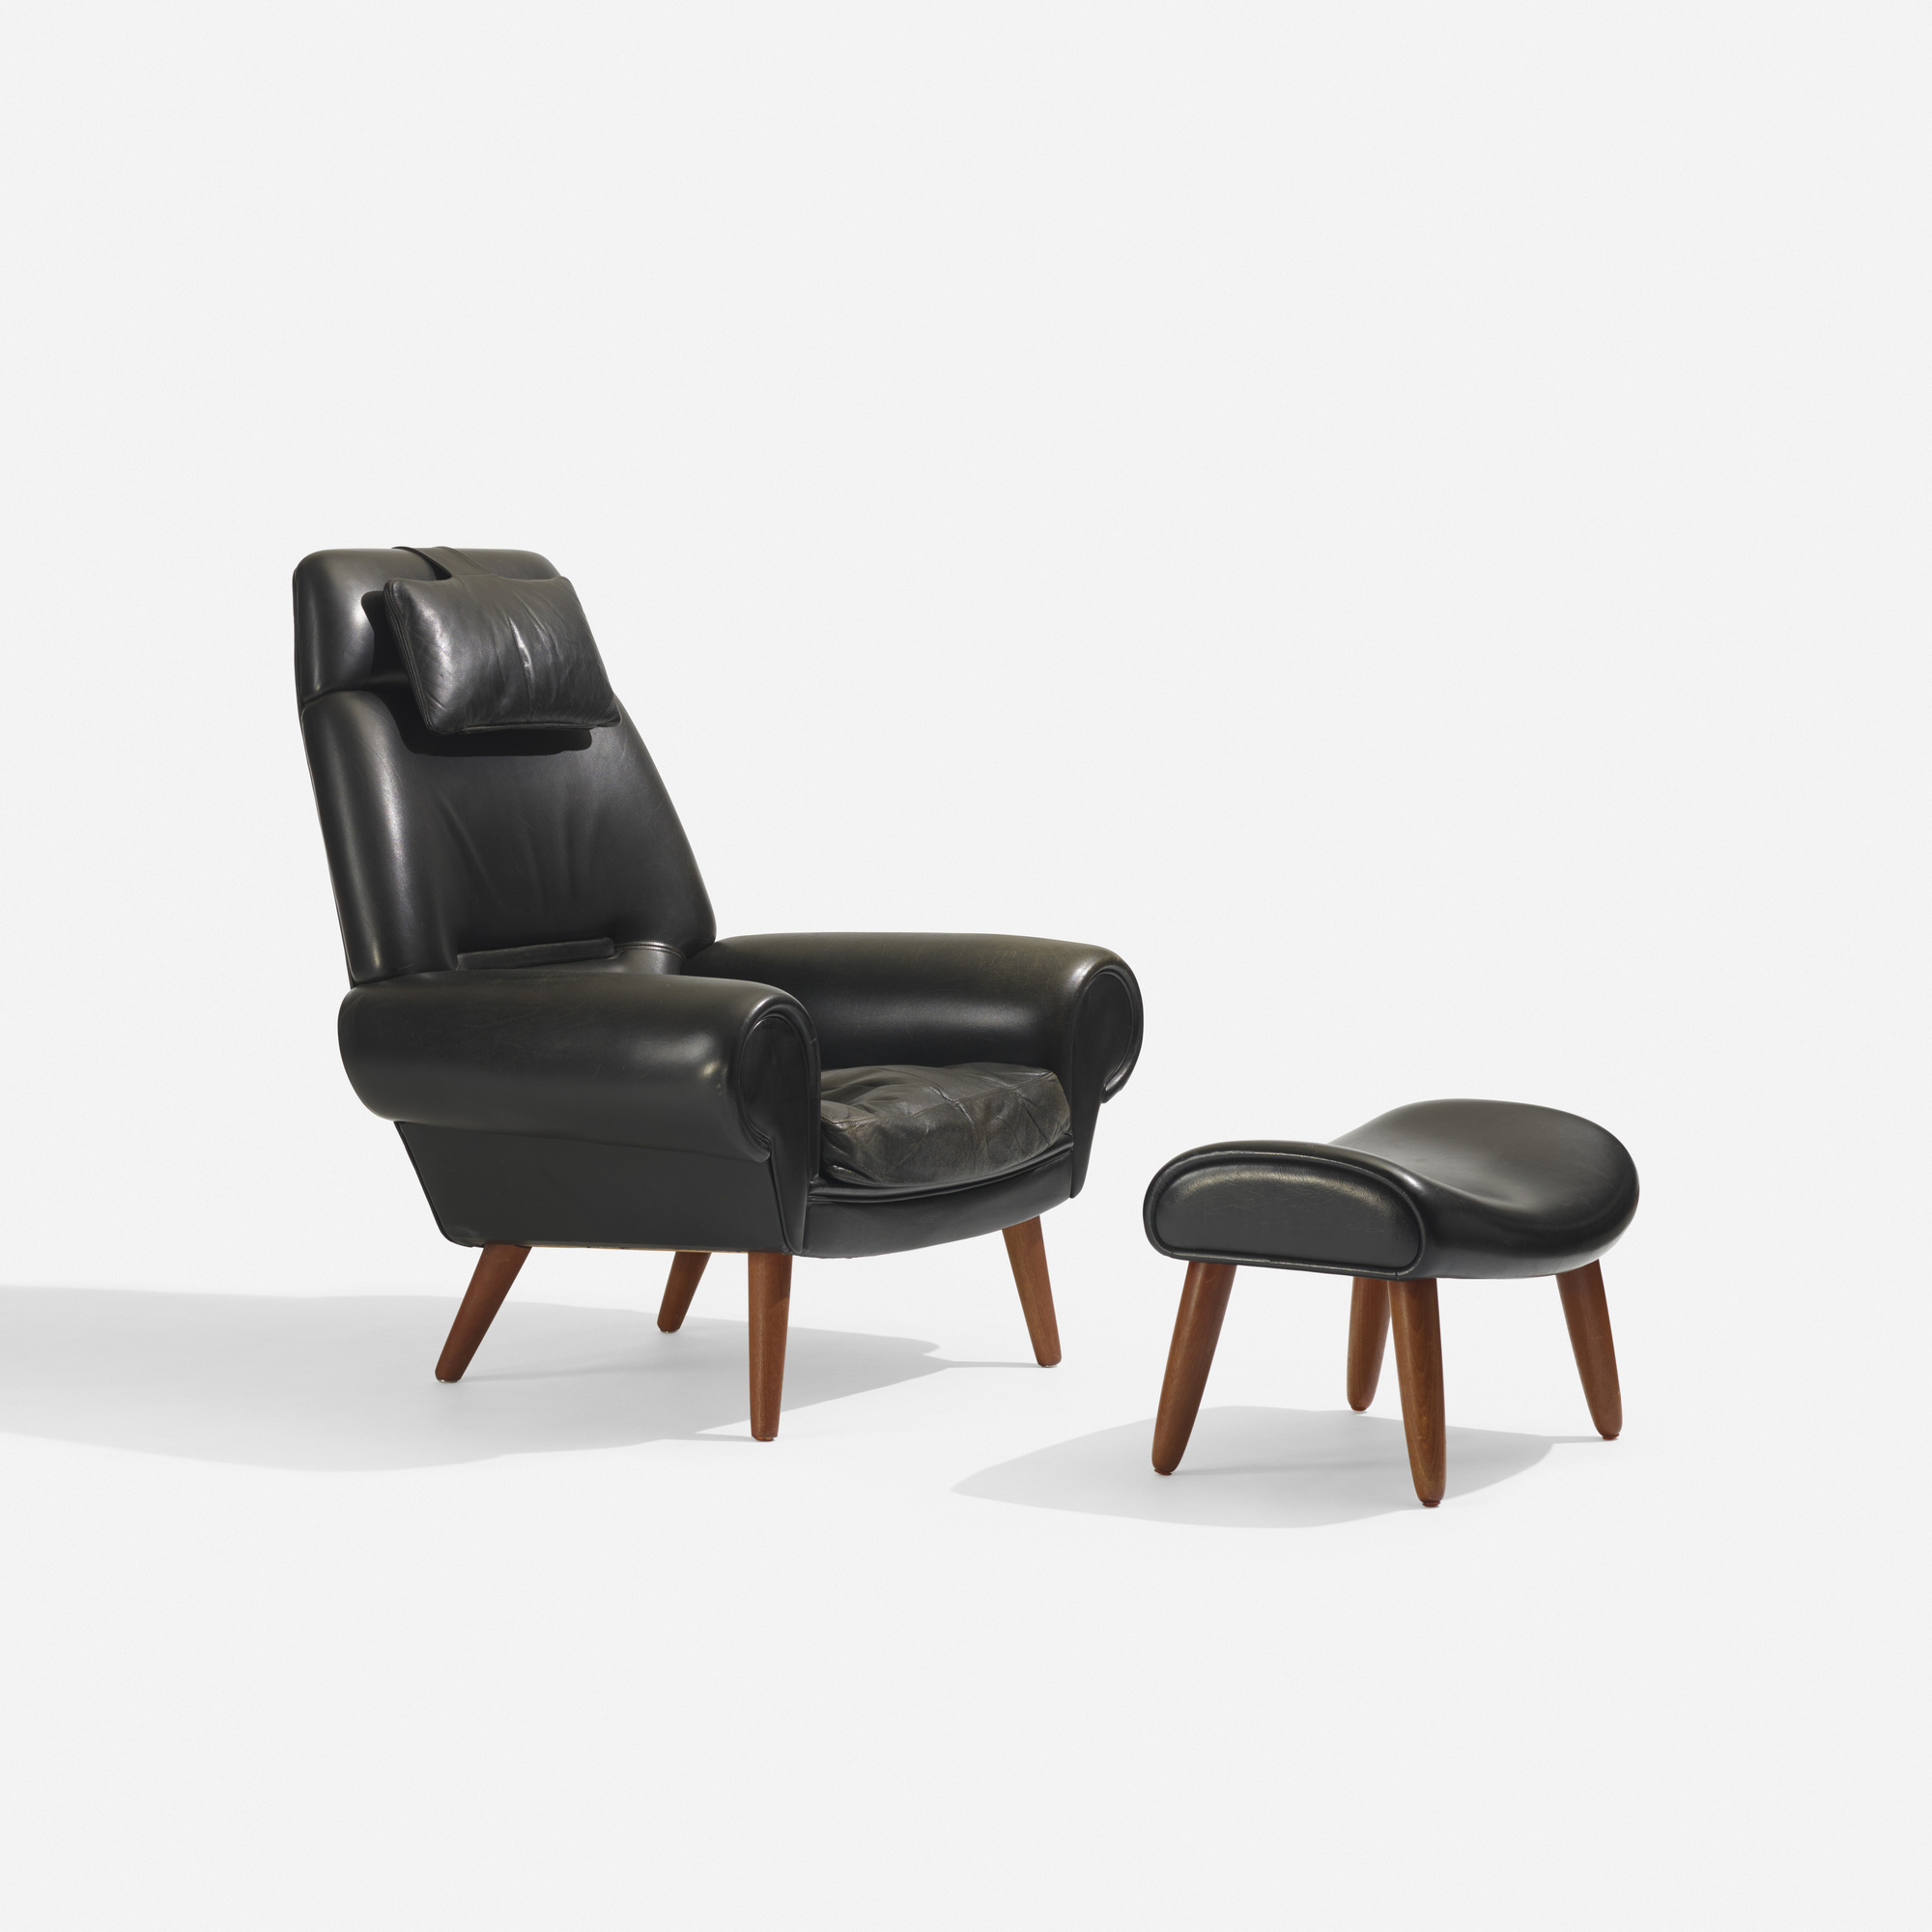 387 Kurt ˜stervig lounge chair and ottoman Scandinavian